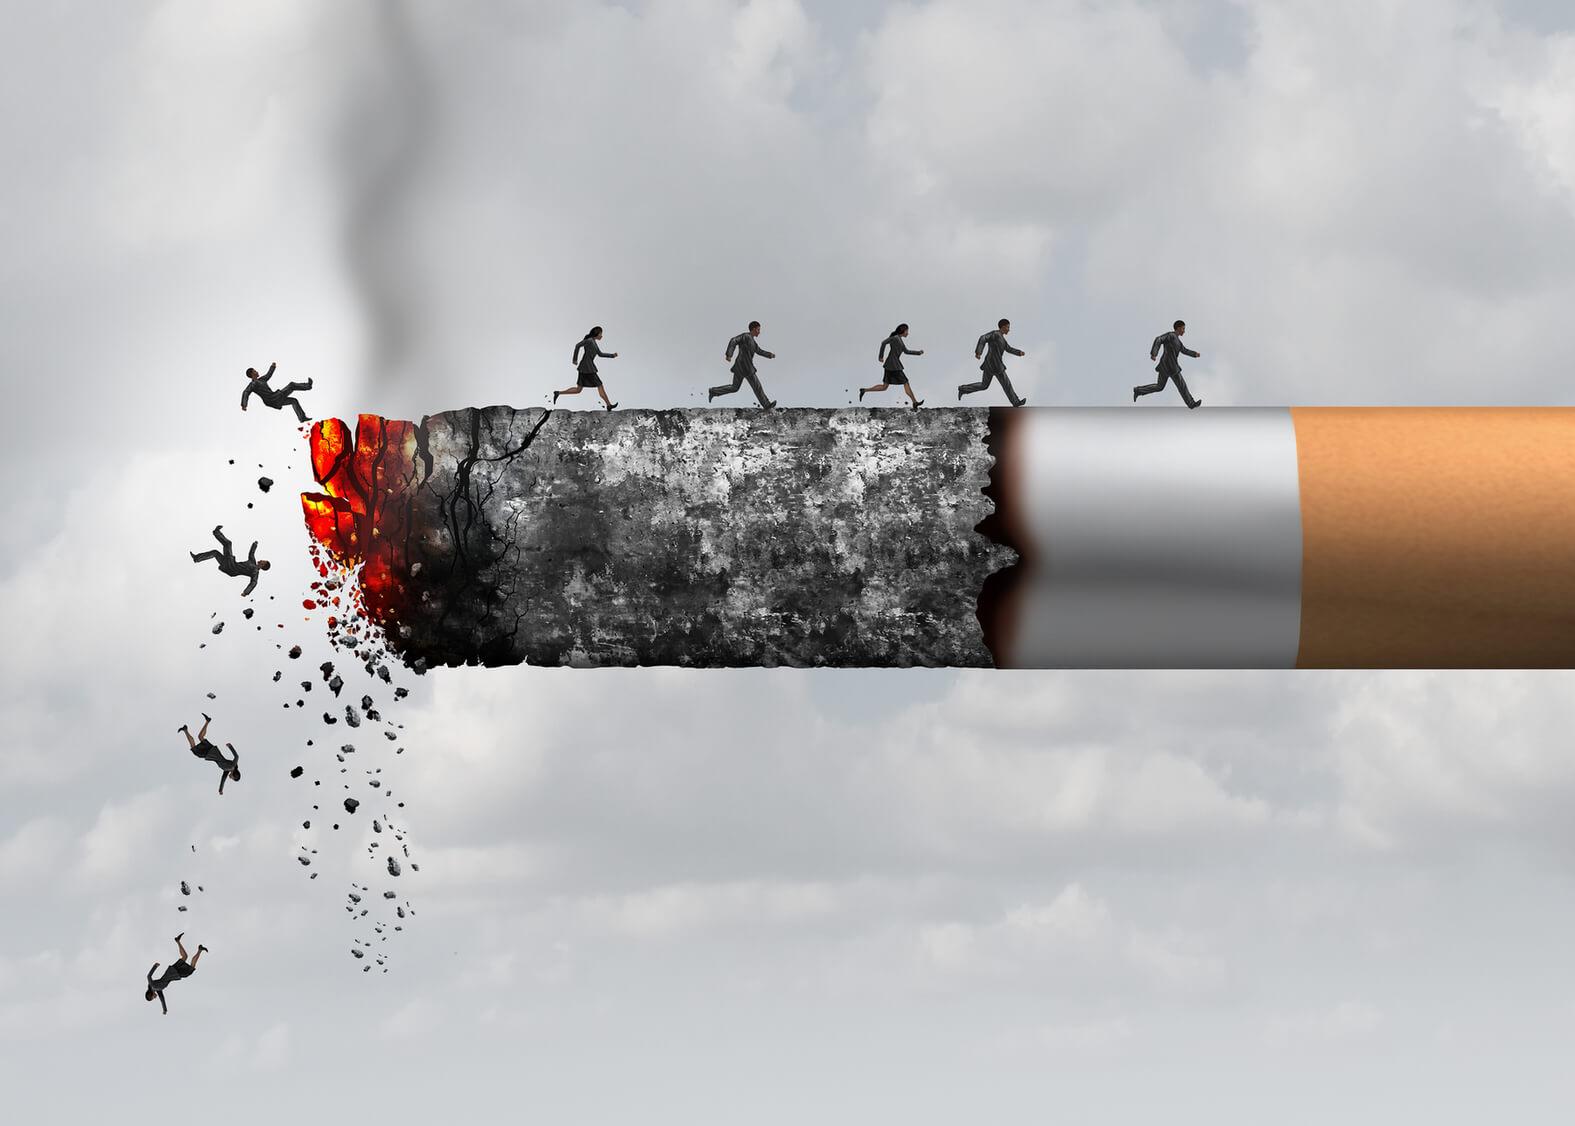 職場の受動喫煙防止対策、徹底へ|2020年4月施行の改正健康増進法により喫煙室設置が義務化